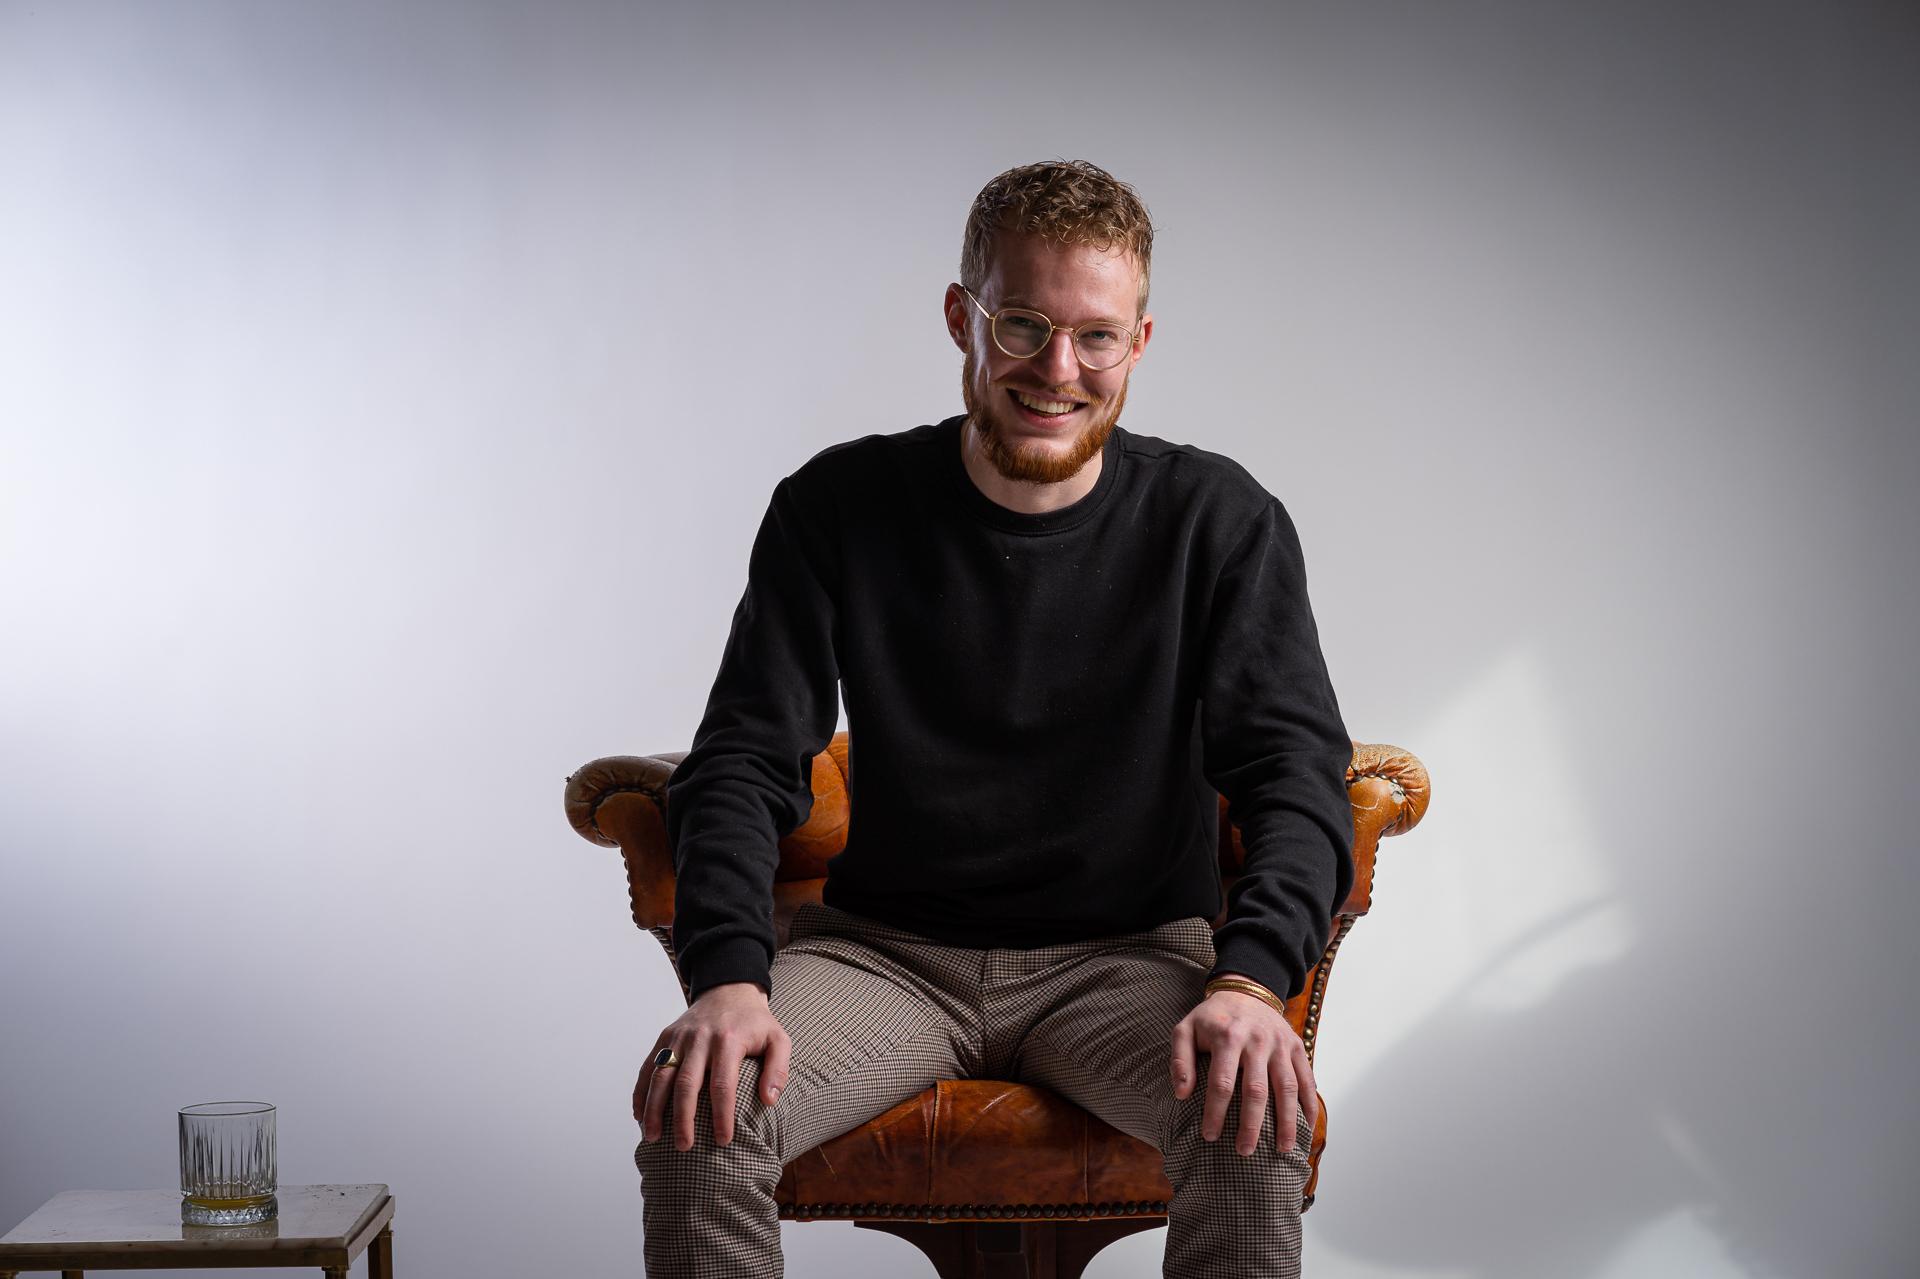 Jens Beeker